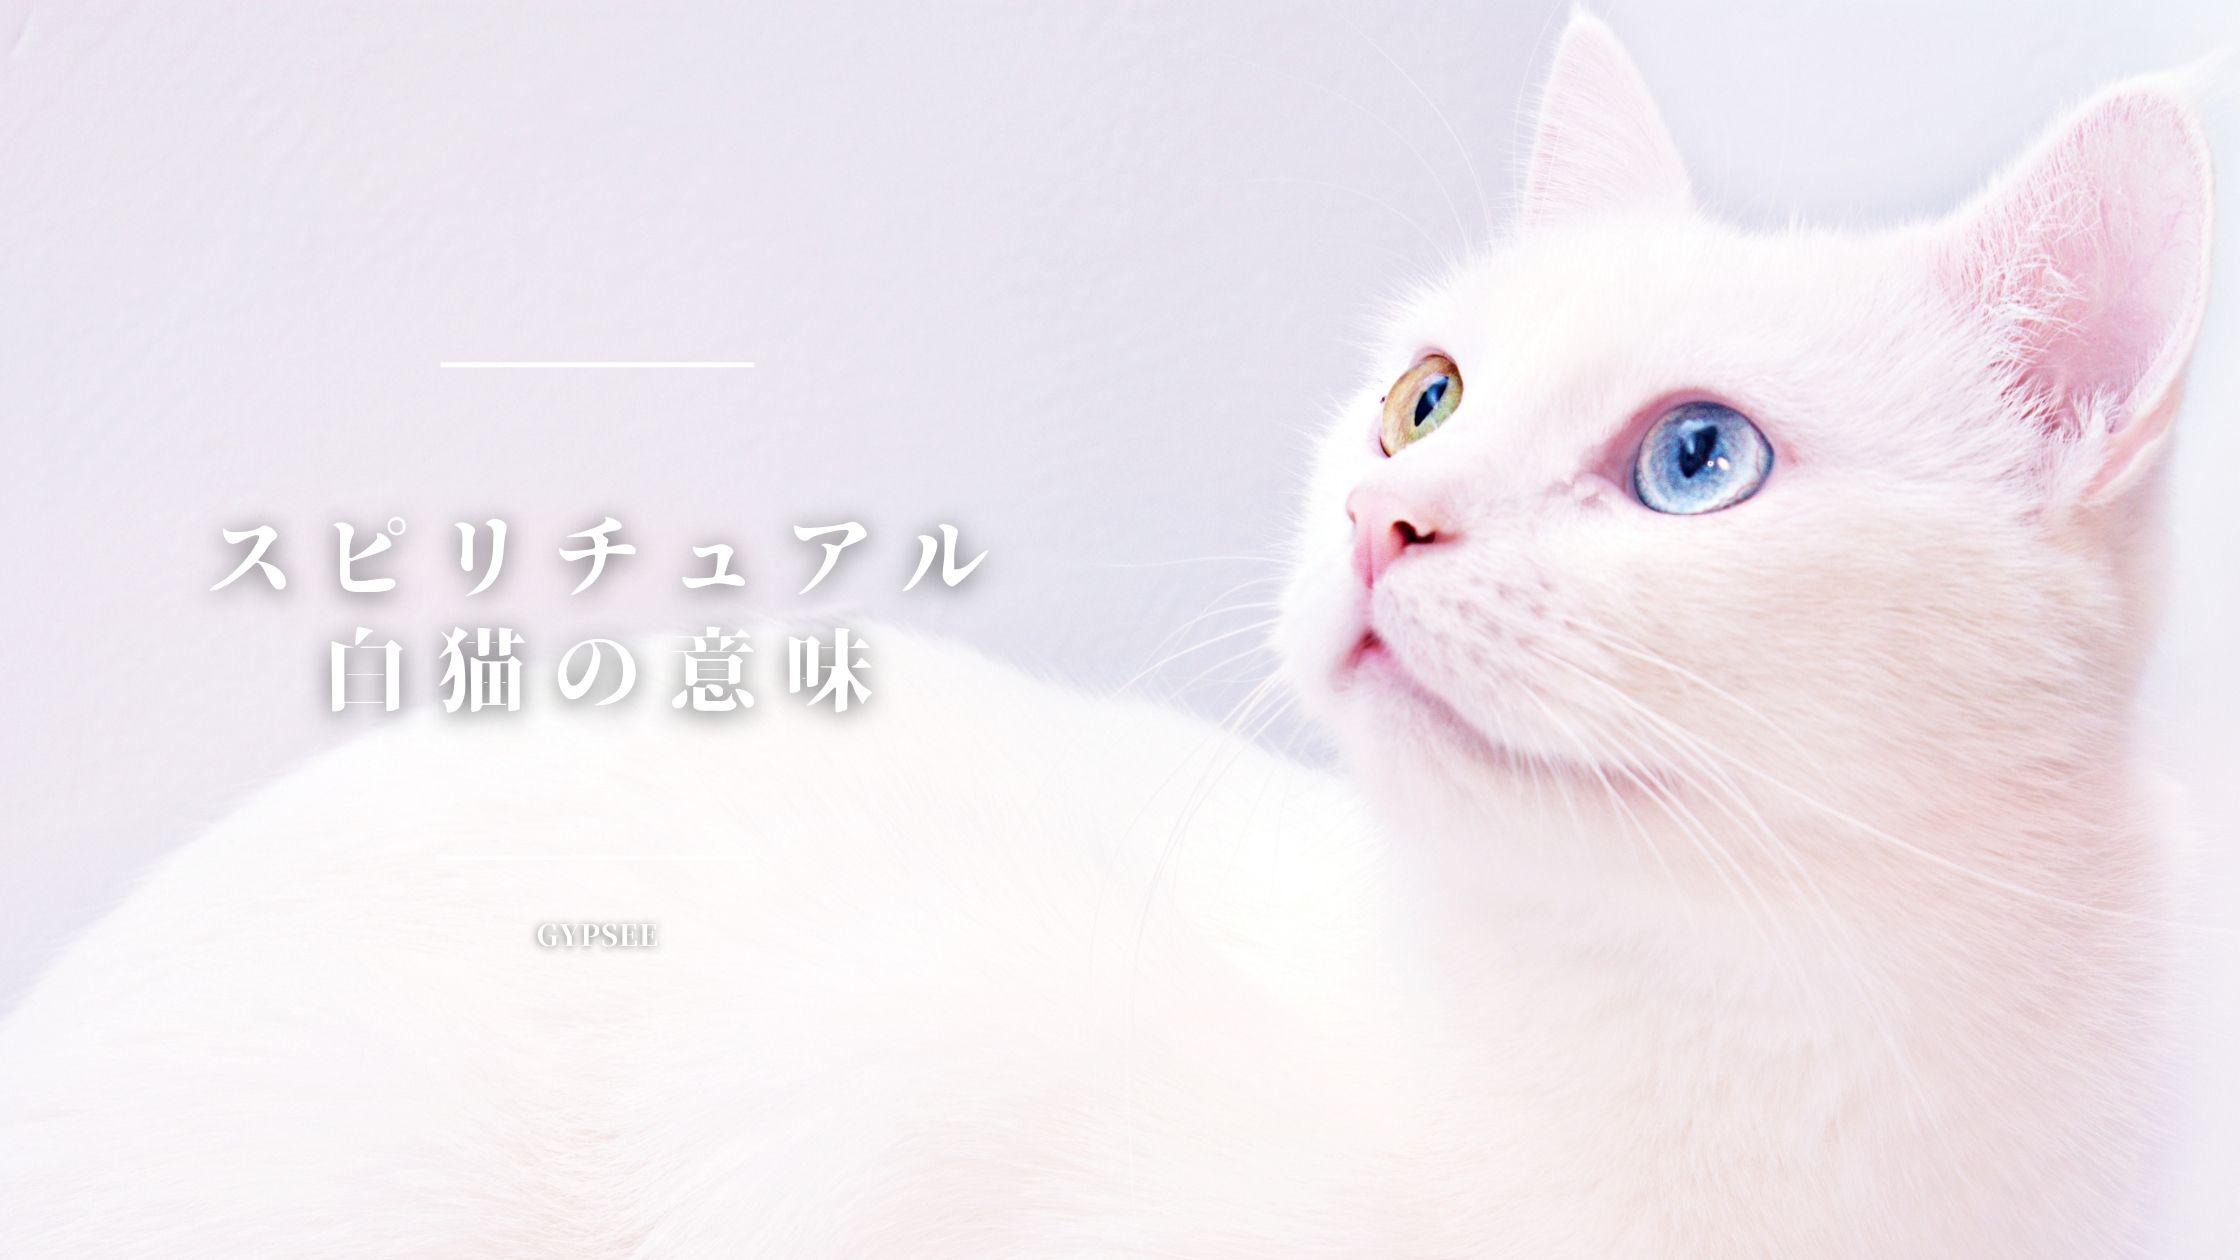 白い猫のスピリチュアル意味・ジンクスまとめ【完全版】